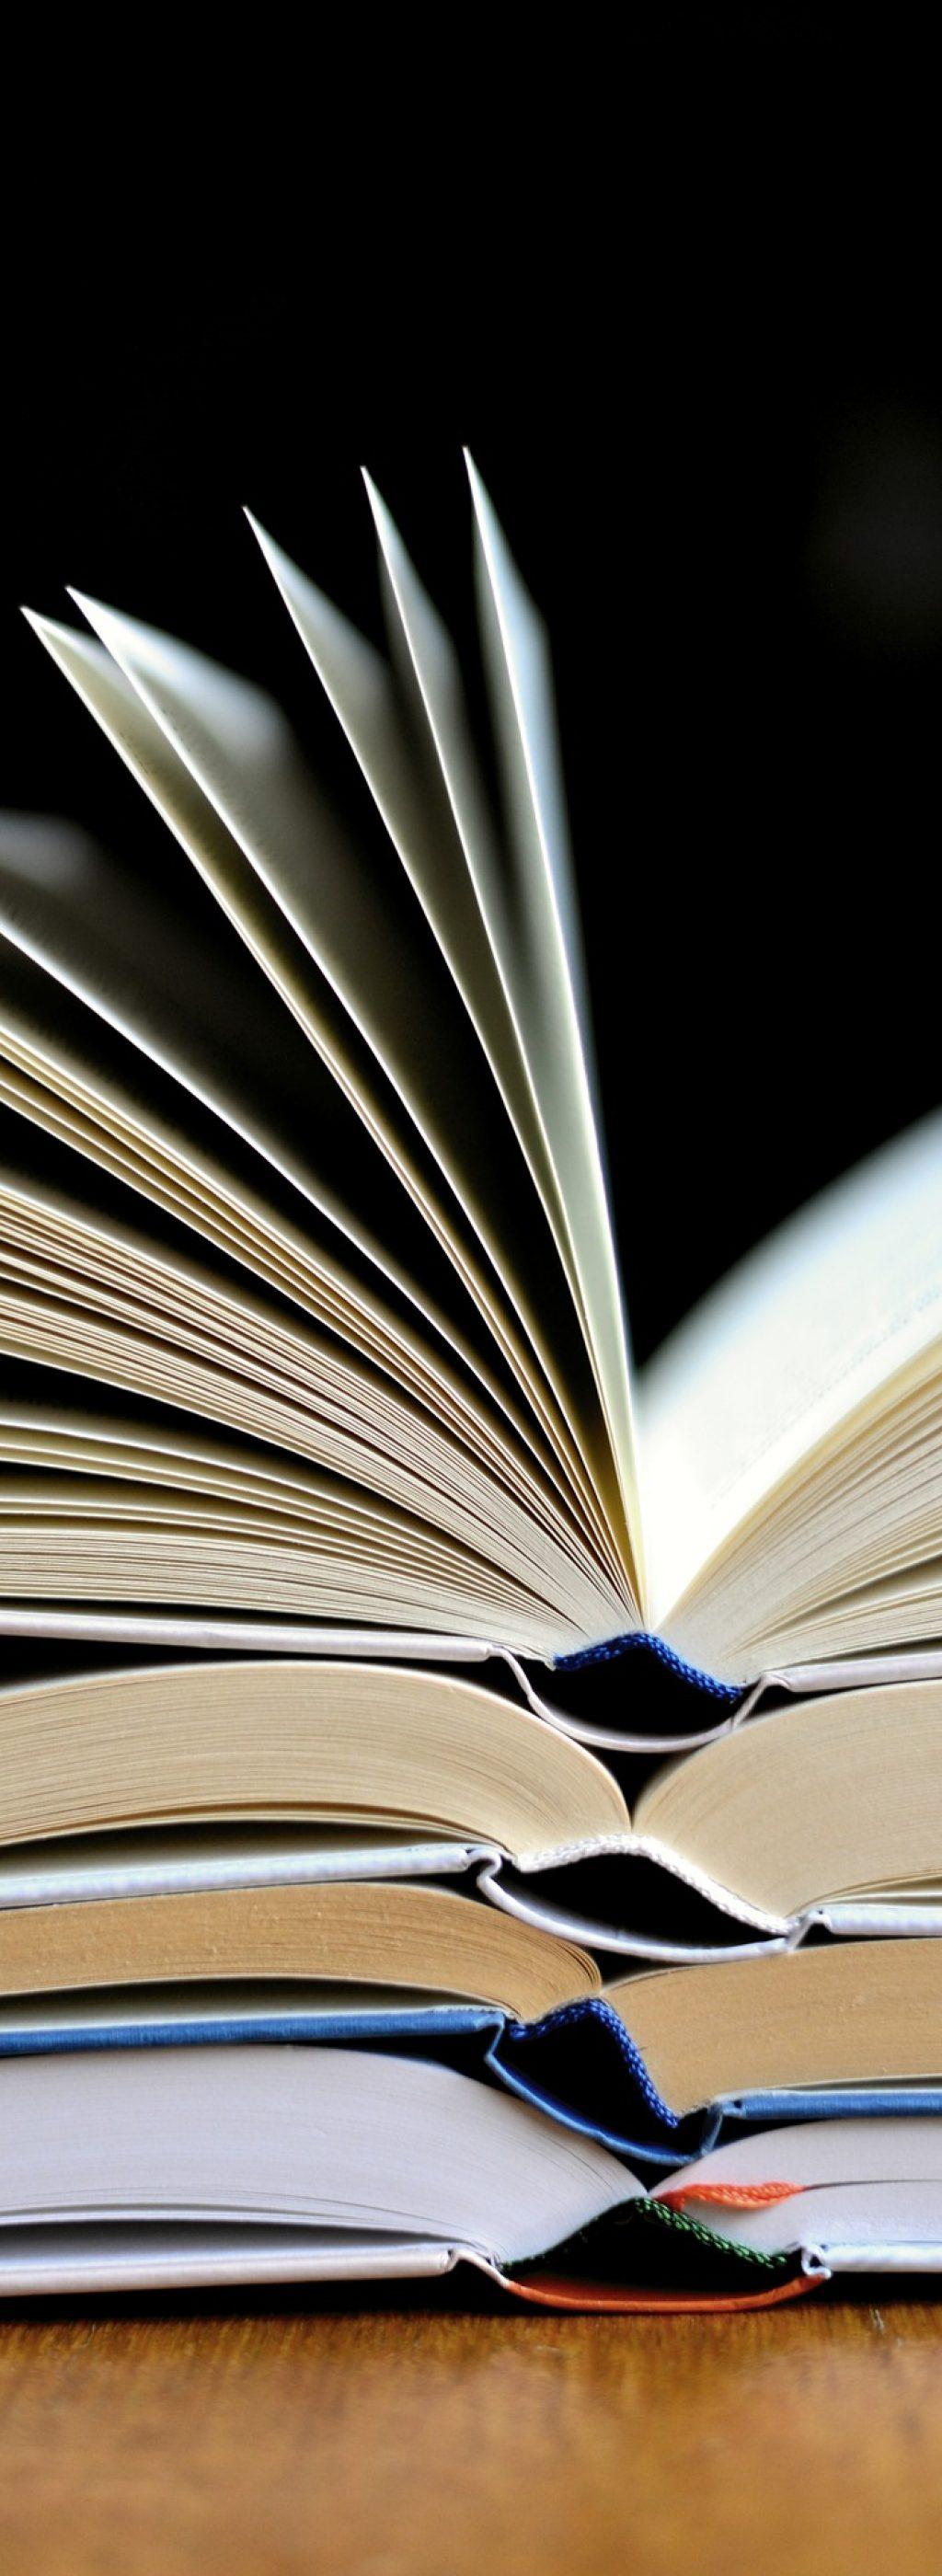 book-ge27523961_1920